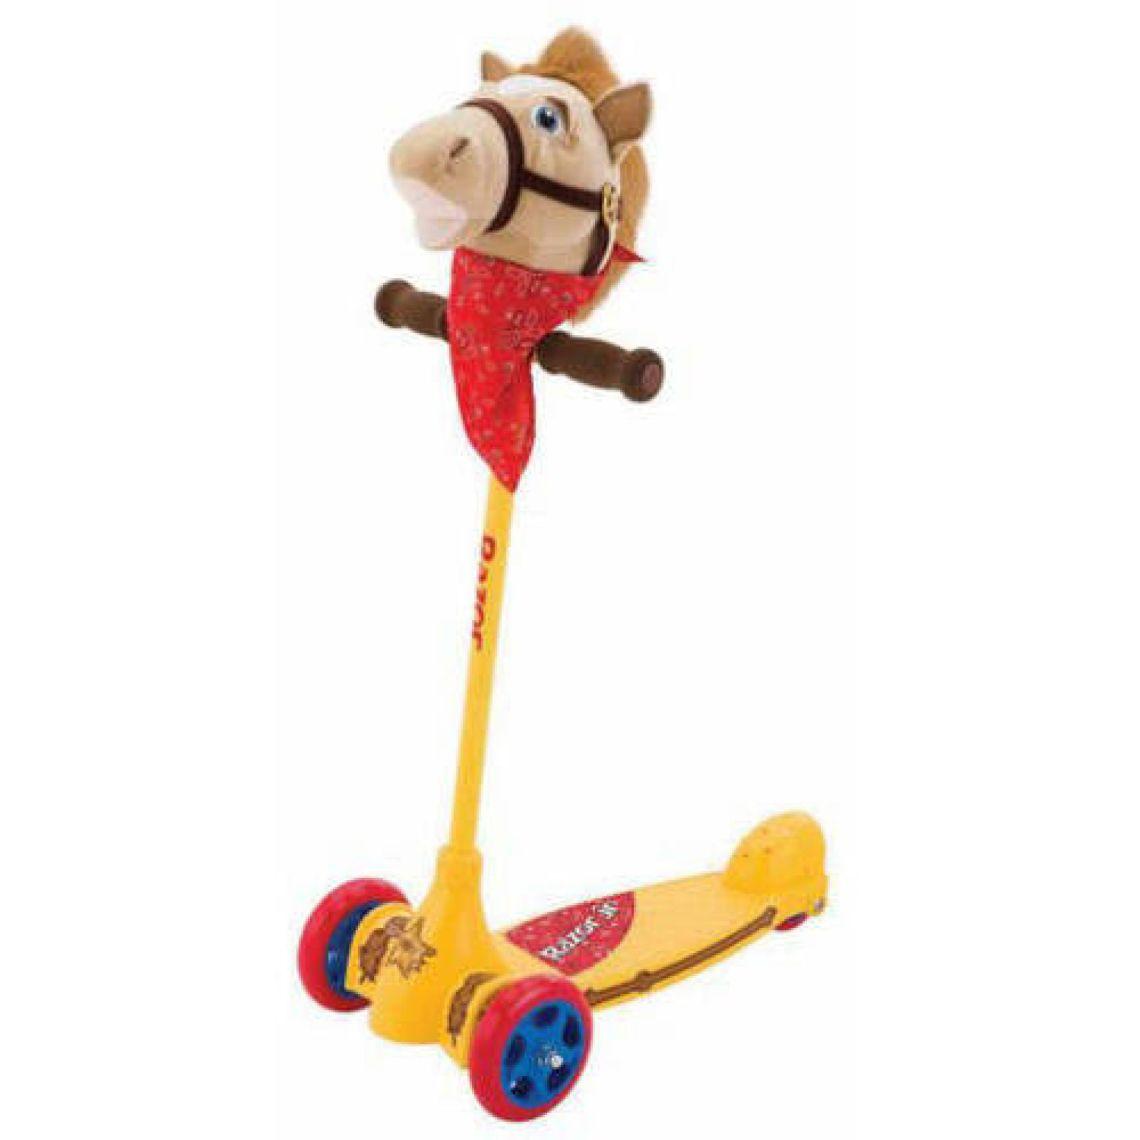 Razor Jr. Kuties Scooter - Walmart.com